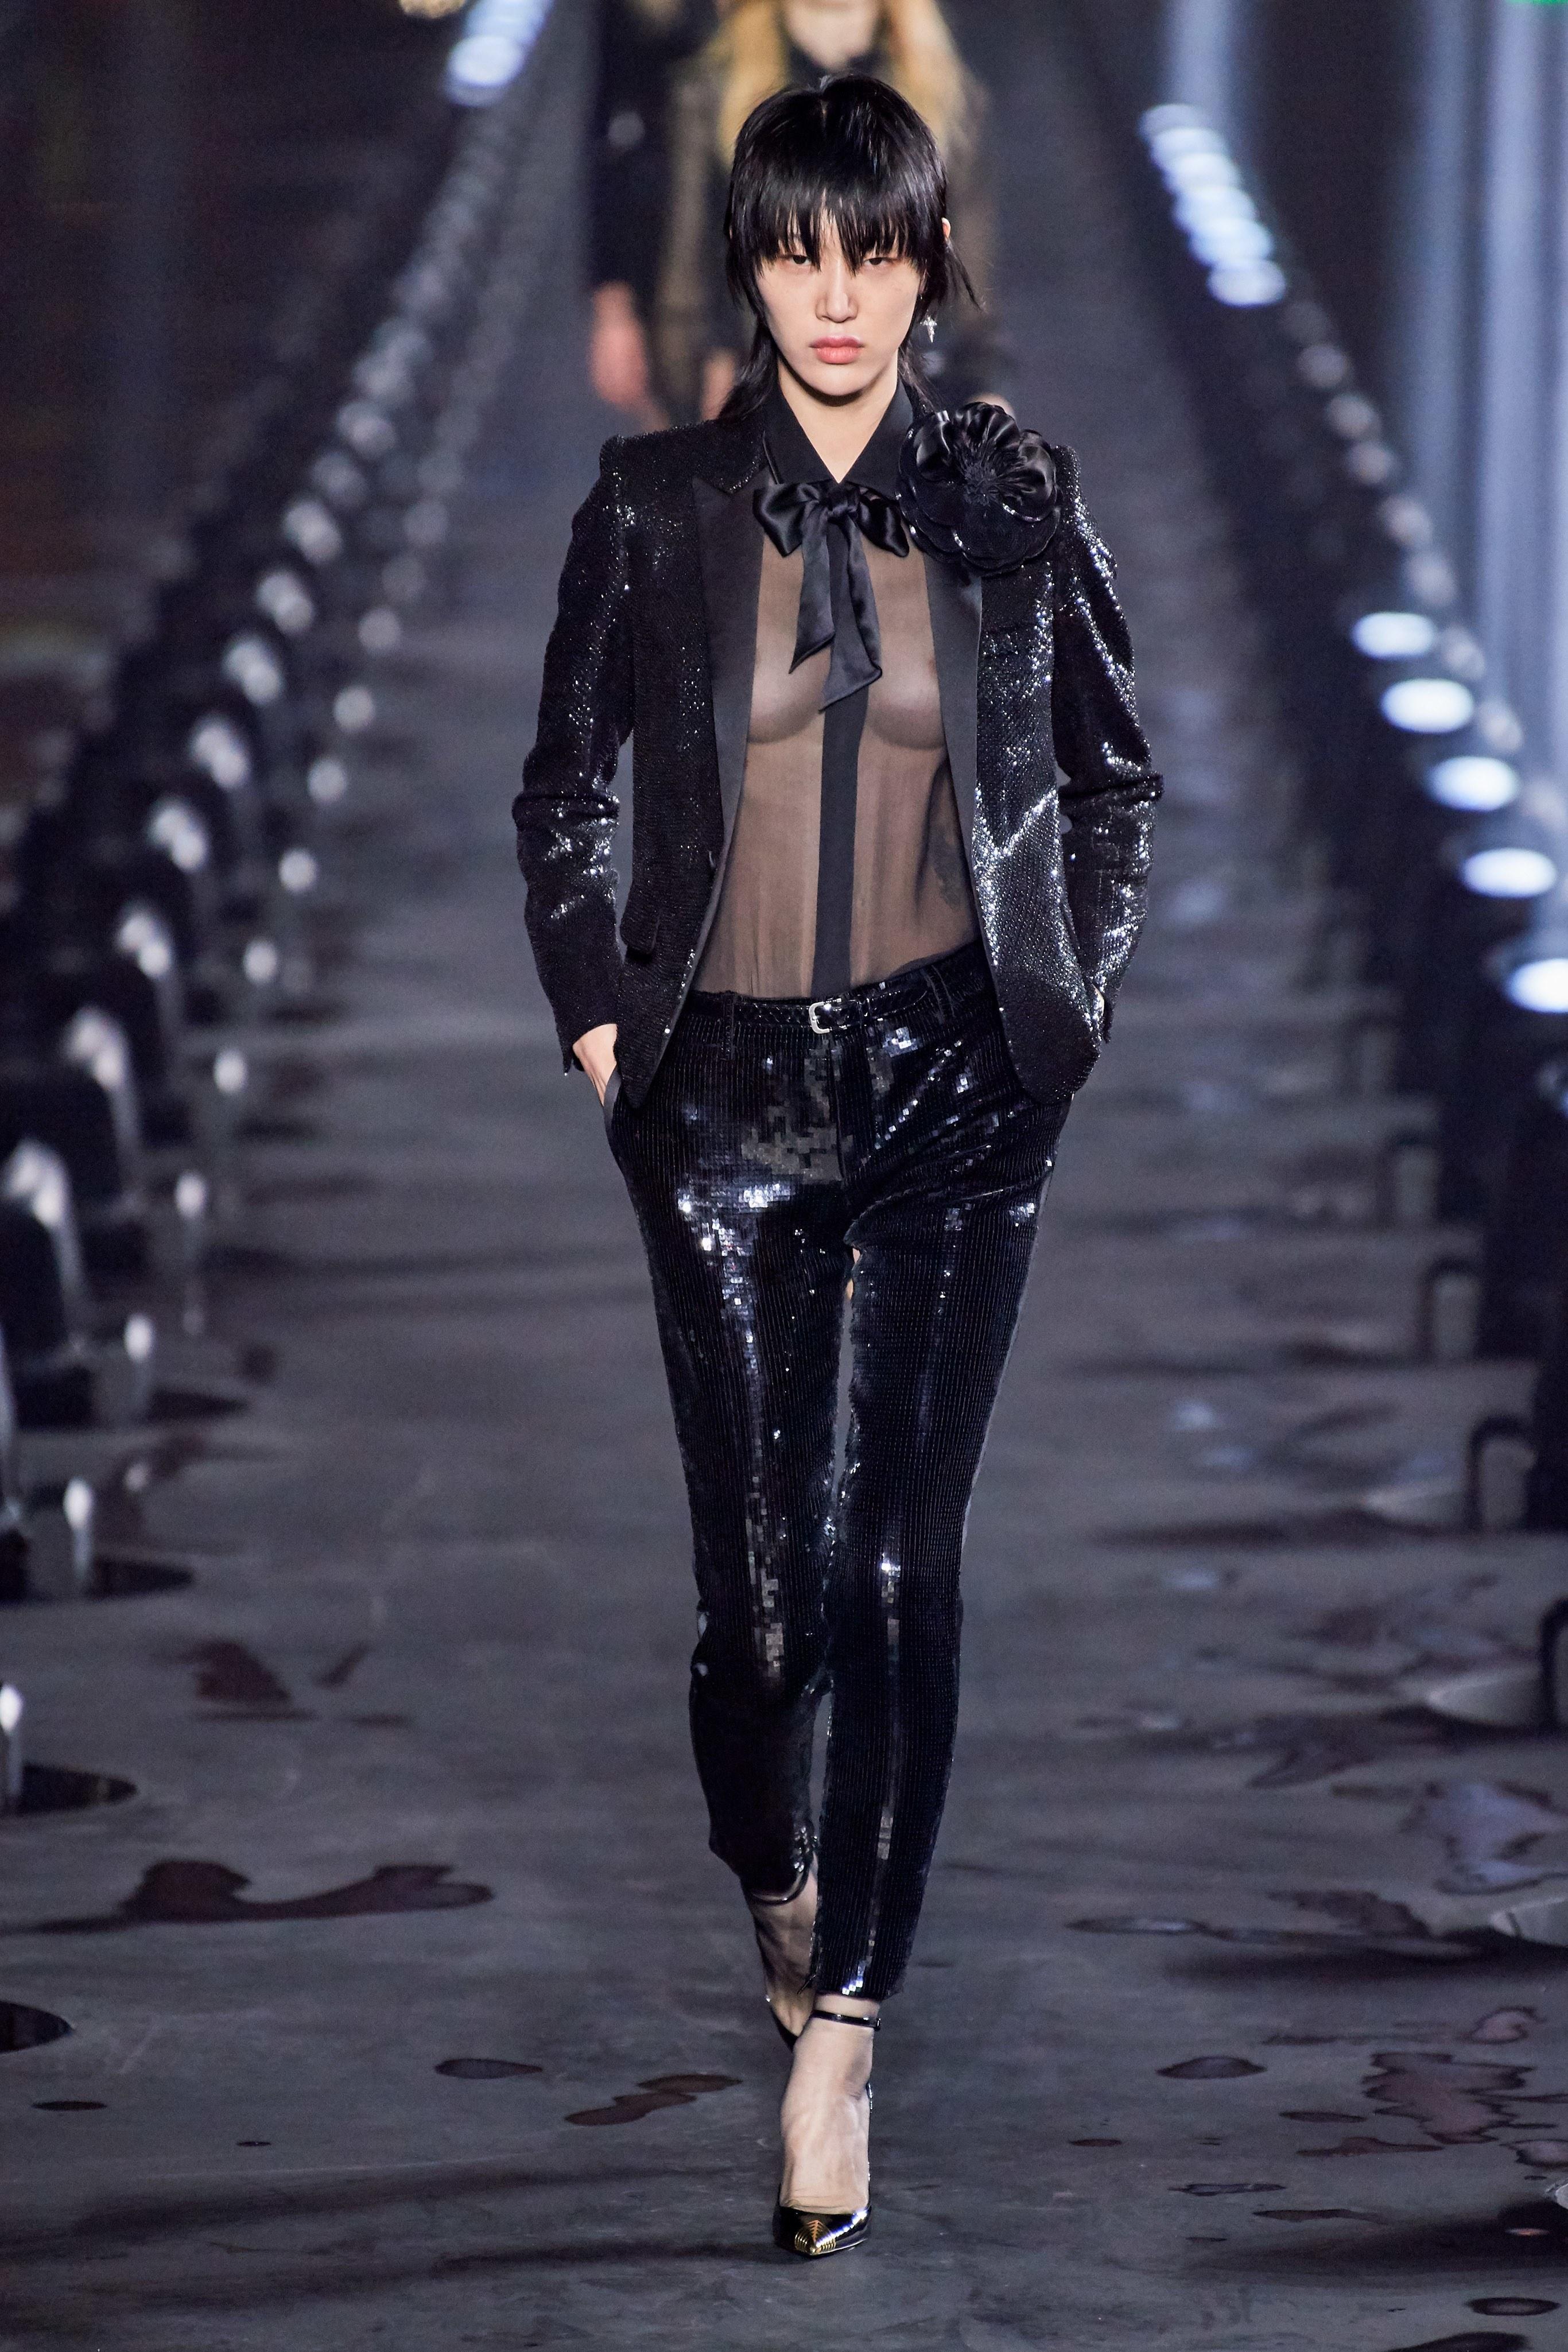 áo sơ mi xuyên thấu vest đen và quần da saint laurent